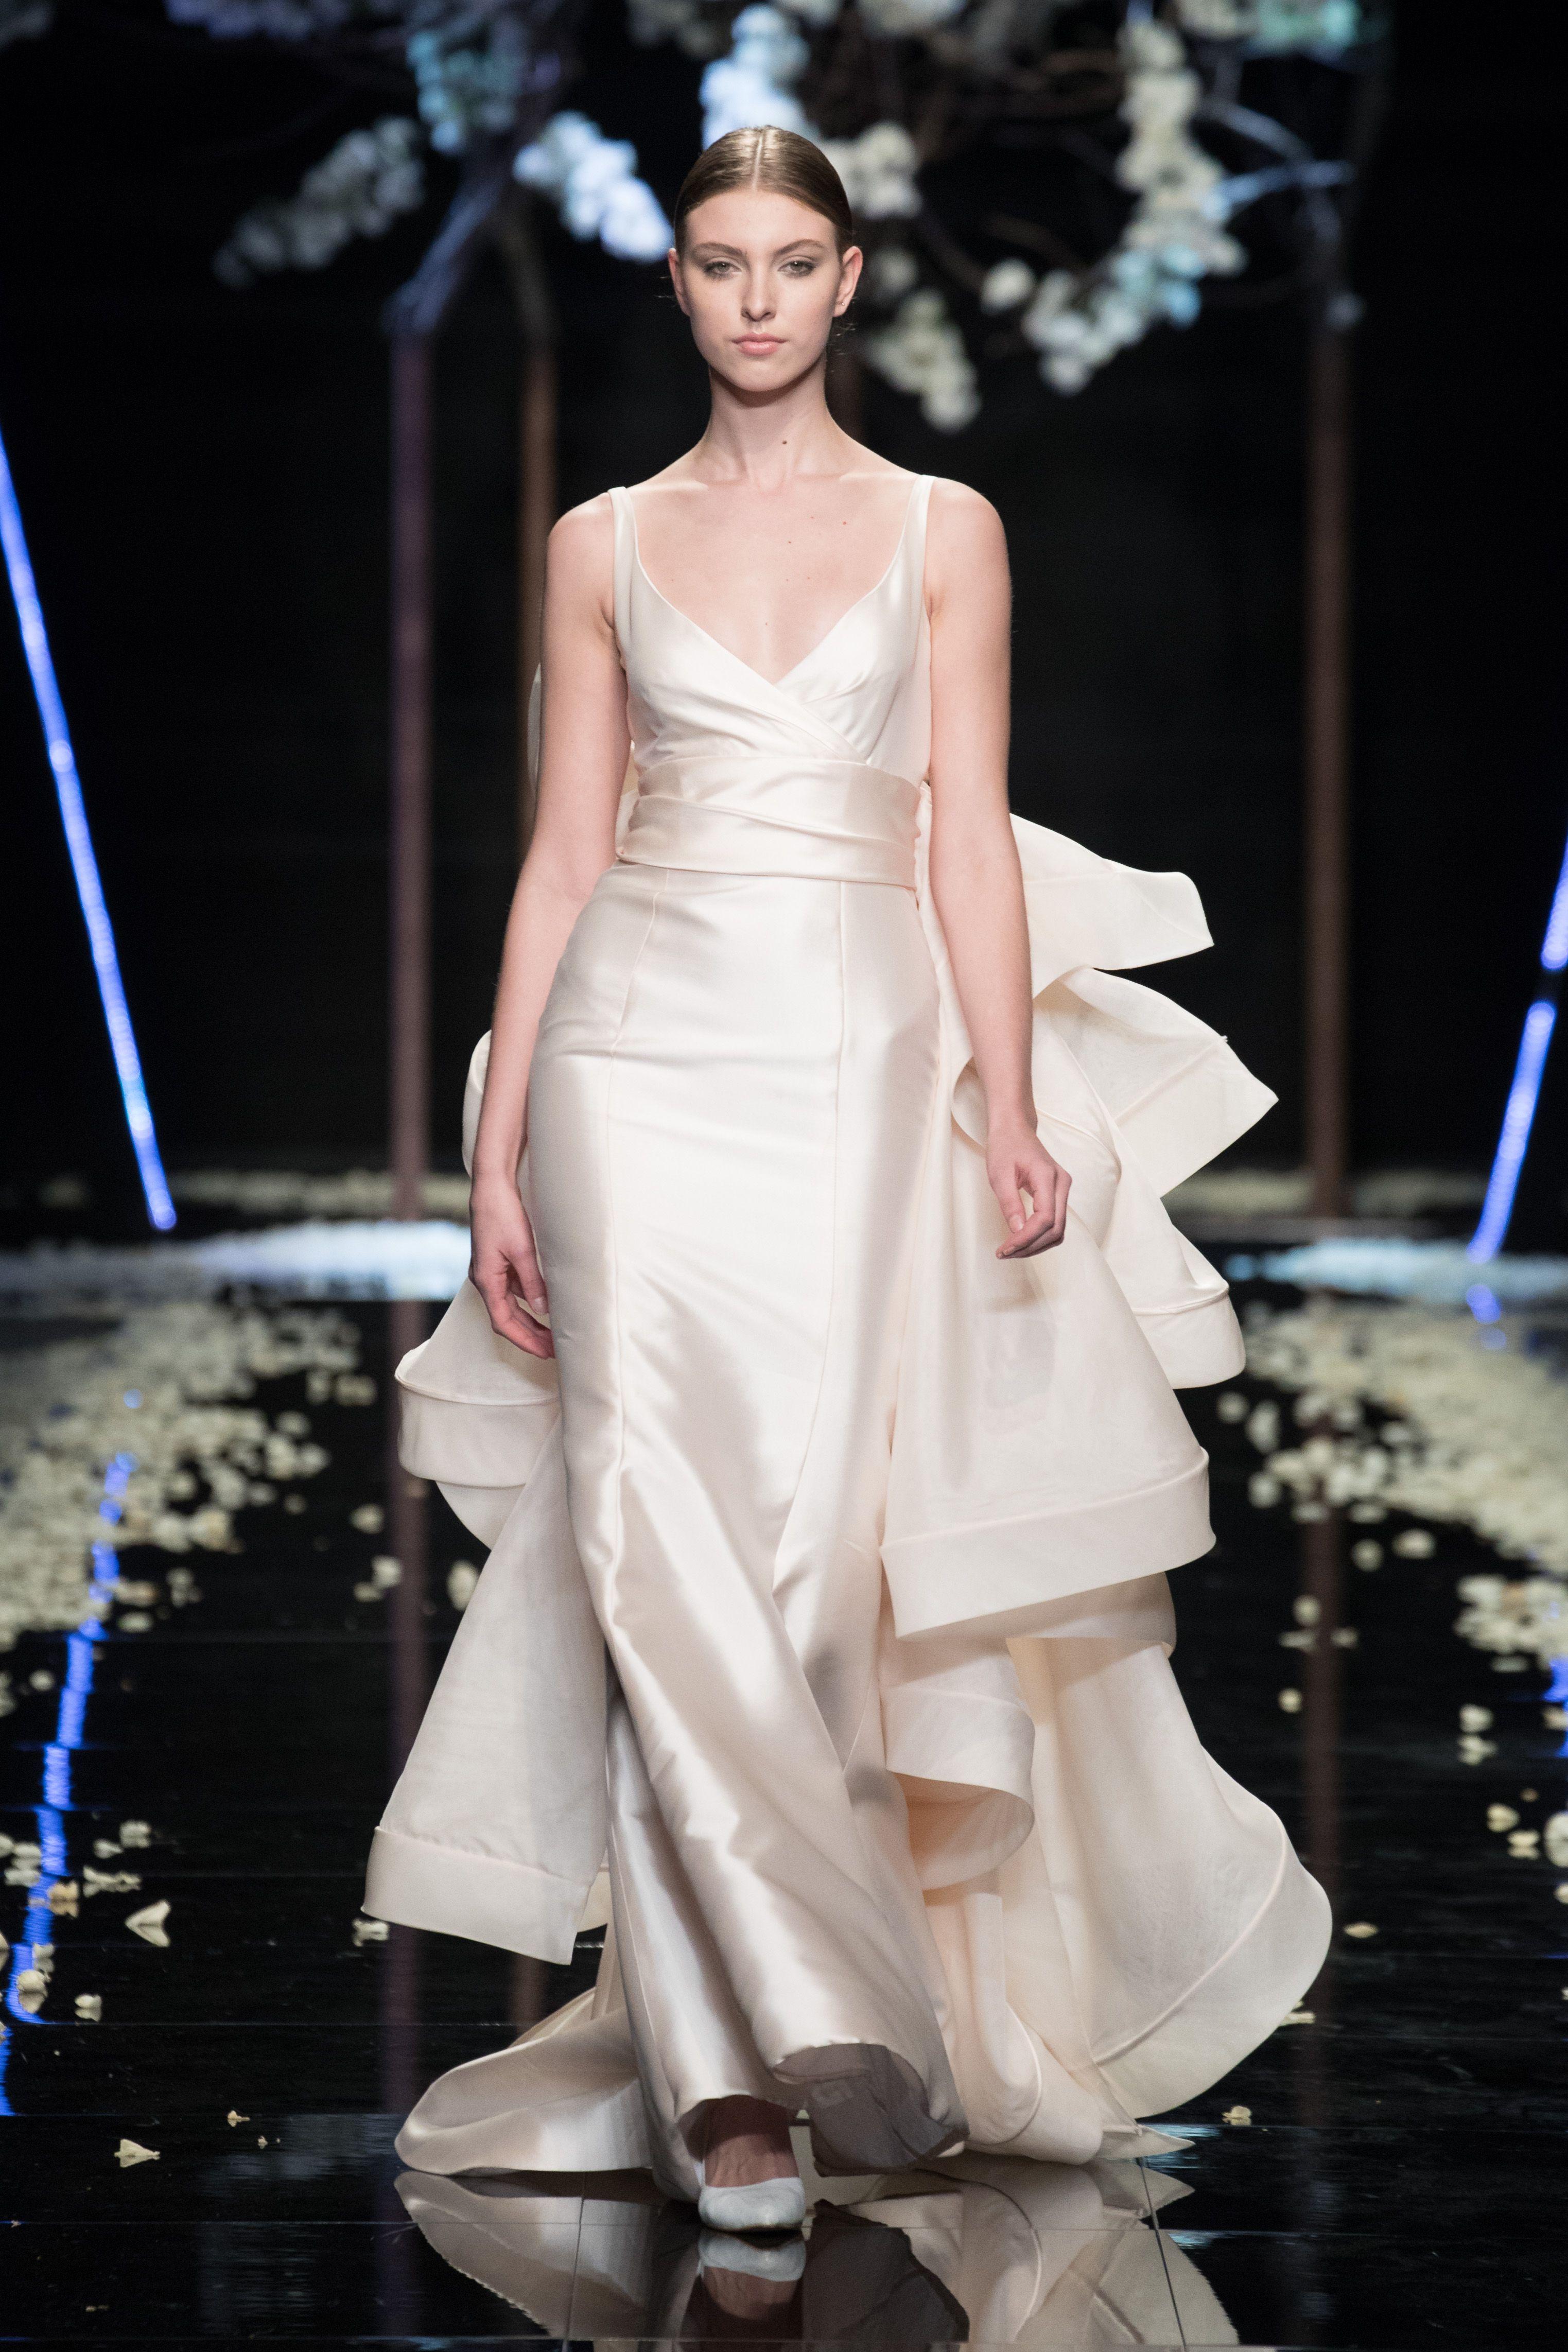 Lace dress vintage april 2019 Pin by Evernice on Dress   Pinterest  Fashion